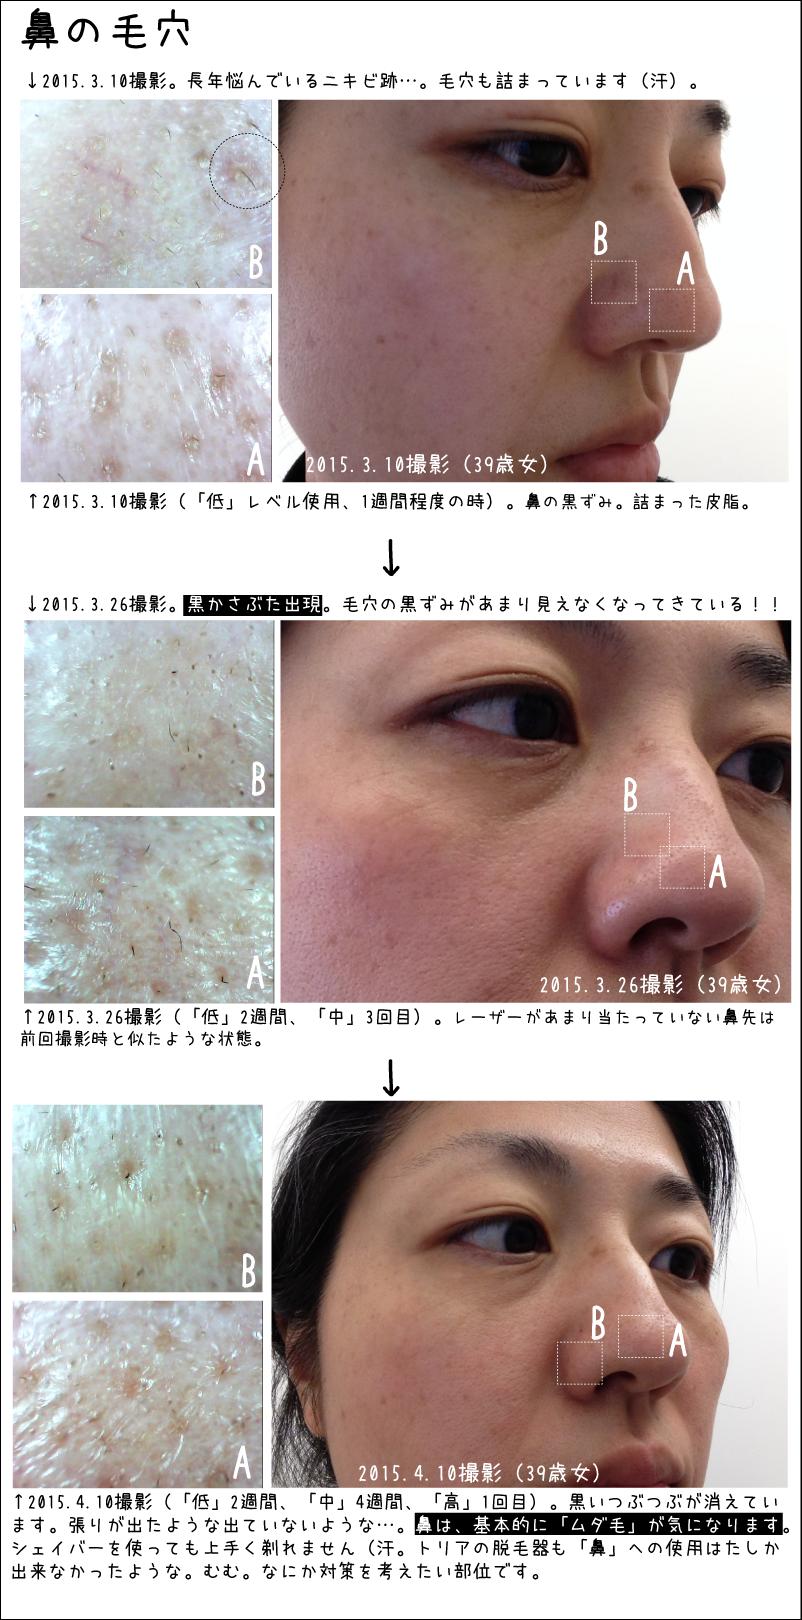 トリアエイジングケアレーザーで肌が引き締まるということなので、鼻の毛穴も引き締まってくれないかとお手入れ中です。肌の経過写真。